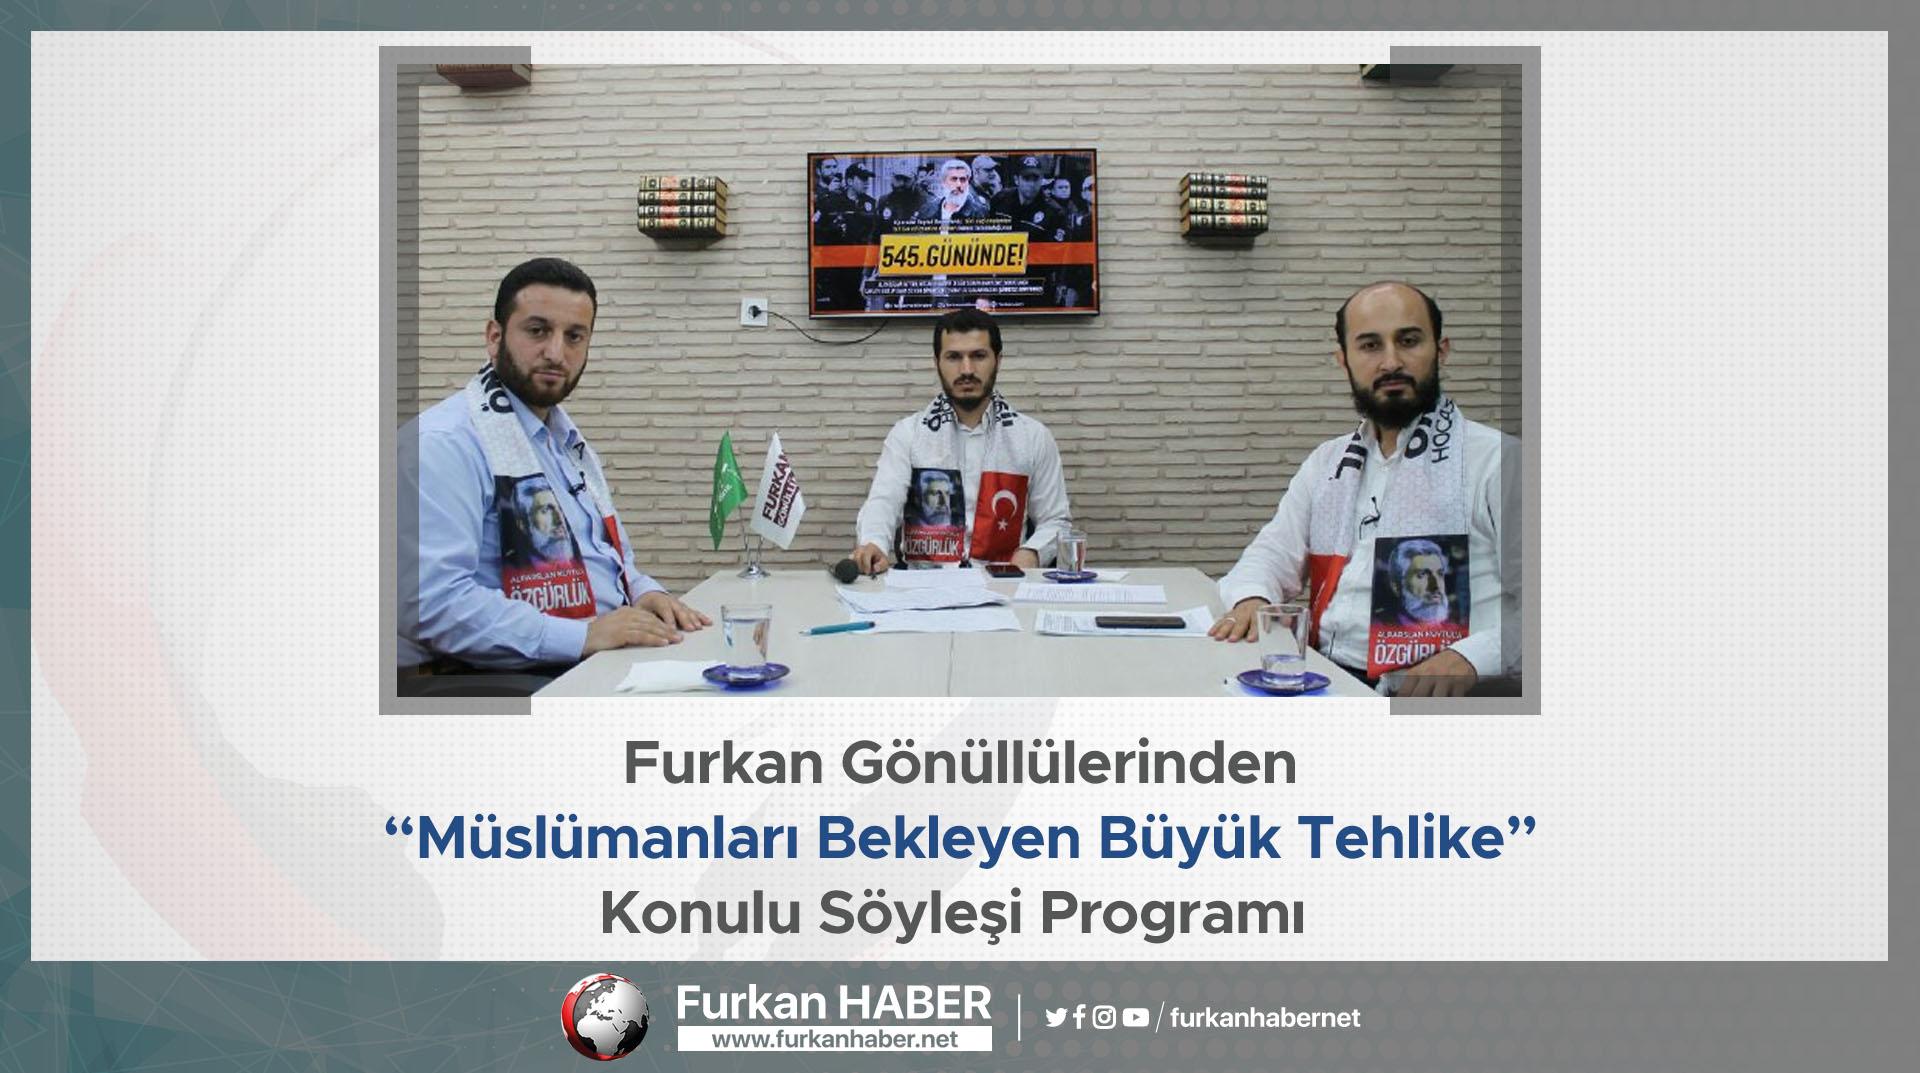 """Furkan Gönüllülerinden """"Müslümanları Bekleyen Büyük Tehlike"""" Konulu Söyleşi Programı"""